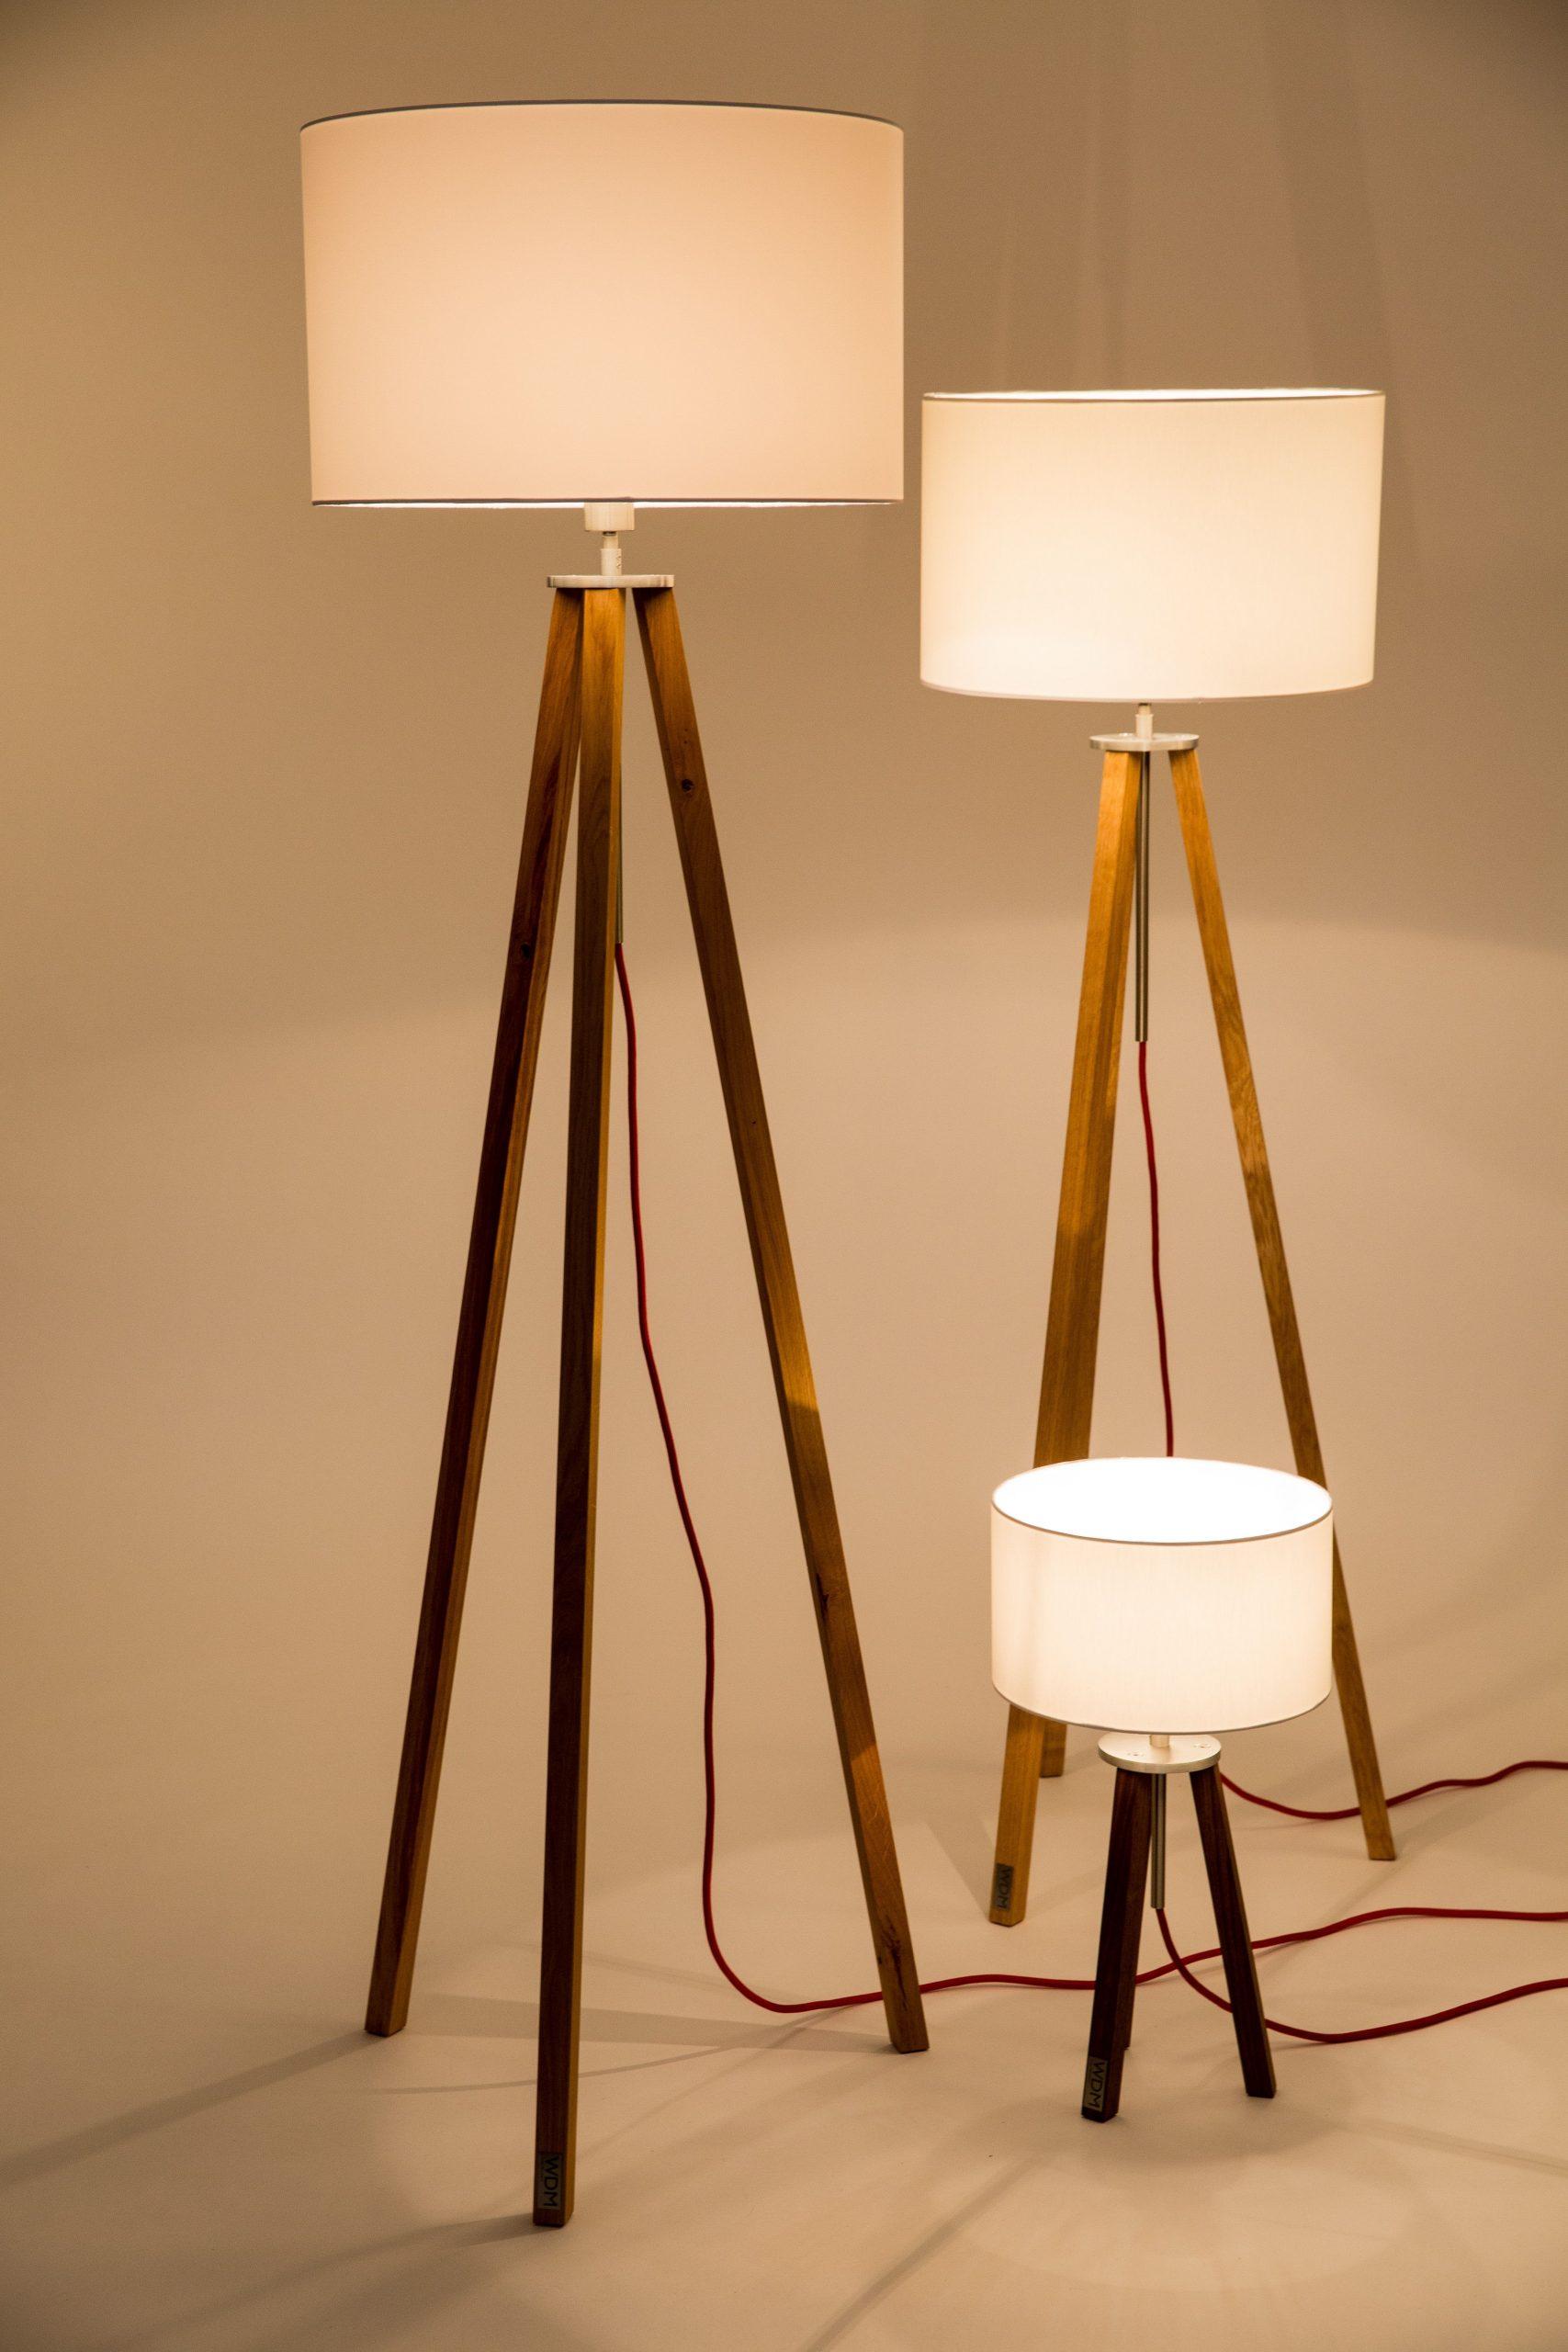 Full Size of Holzlampe Decke Deckenleuchte Bad Deckenleuchten Küche Schlafzimmer Modern Badezimmer Wohnzimmer Deckenlampe Tagesdecke Bett Deckenlampen Im Led Wohnzimmer Holzlampe Decke